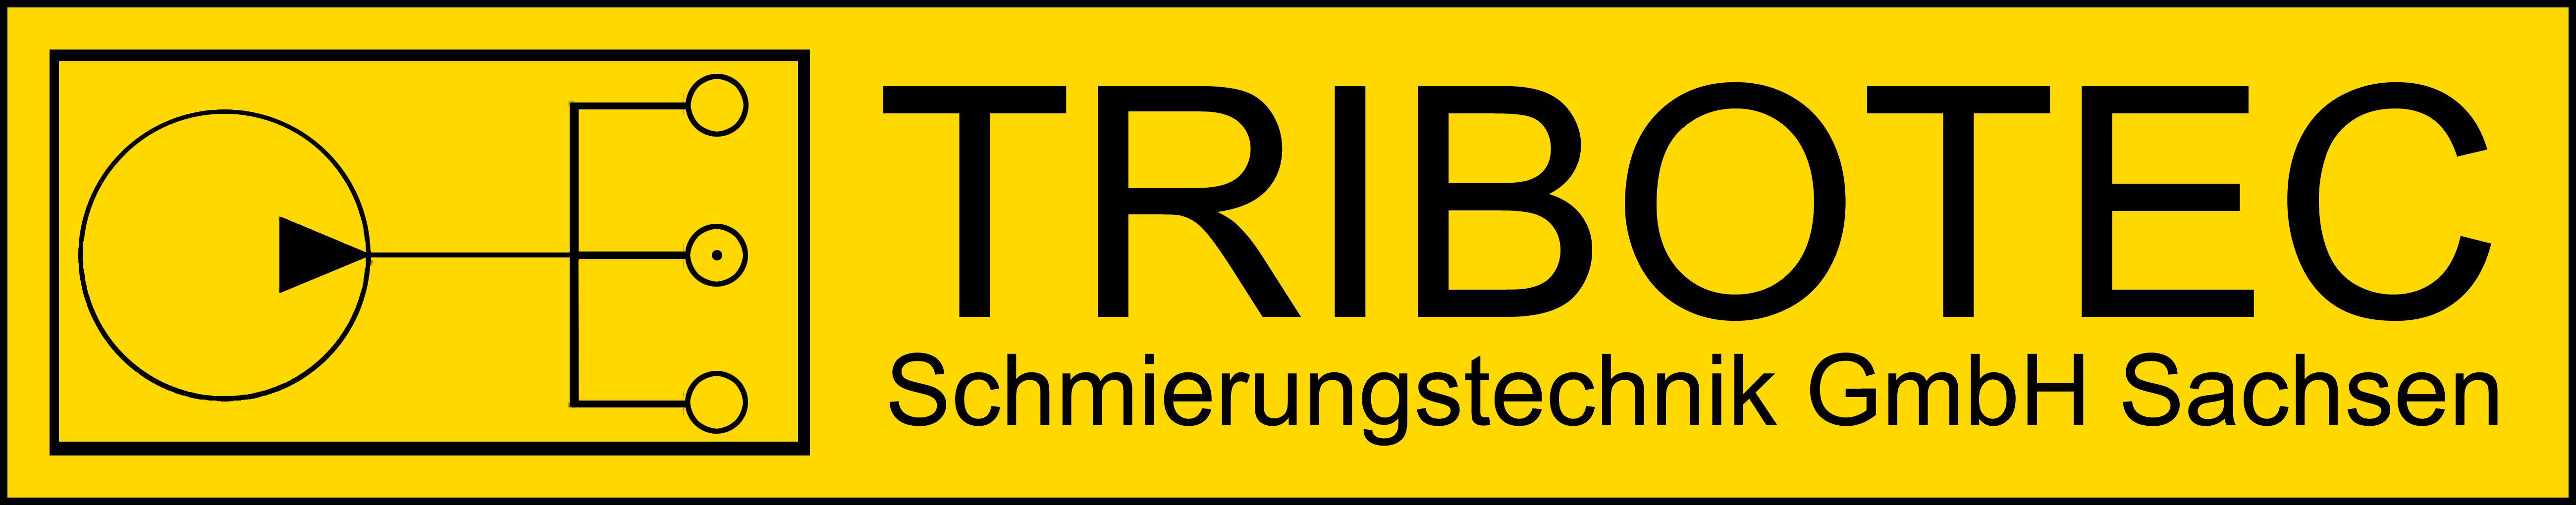 Tribotec Schmierungstechnik GmbH Sachsen